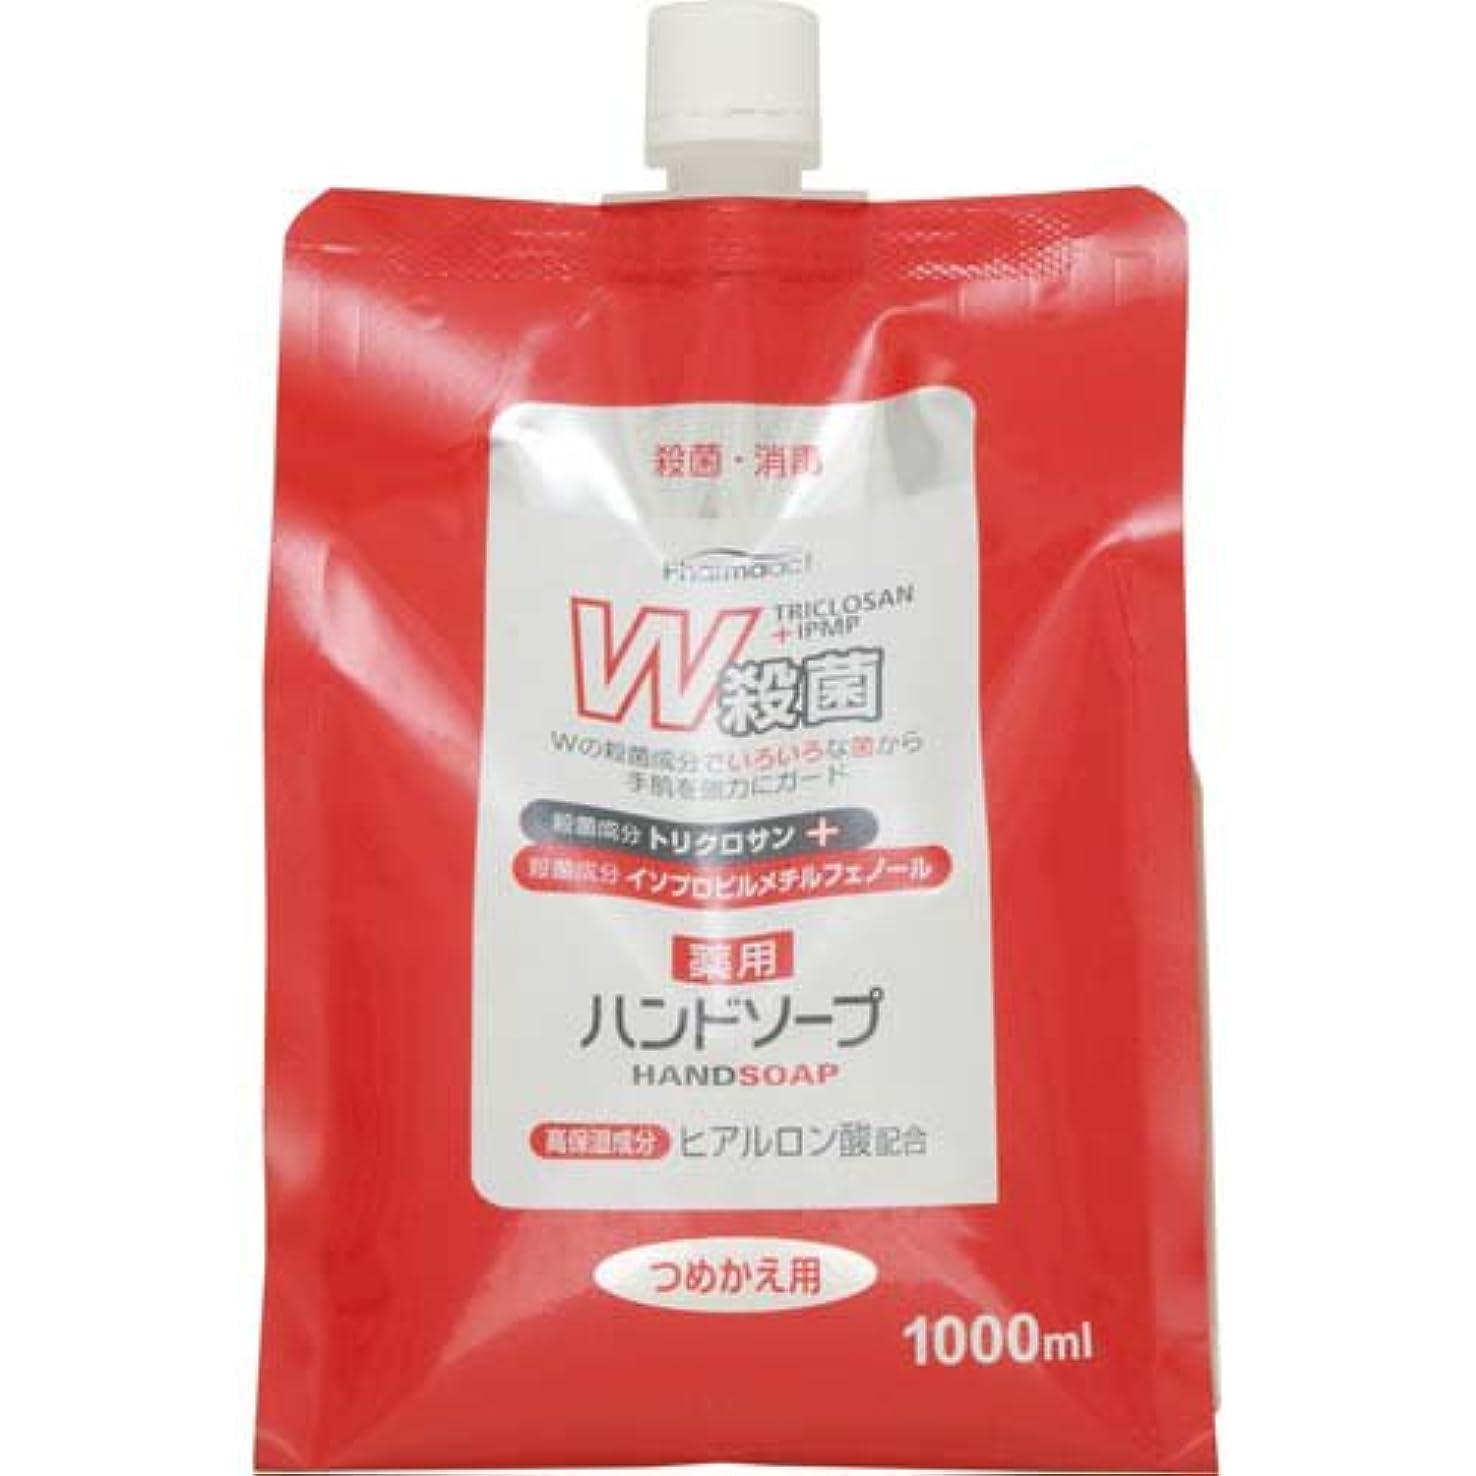 太鼓腹どうしたの判定ファーマアクト W殺菌薬用ハンドソープ スパウト付き詰替 1000ml